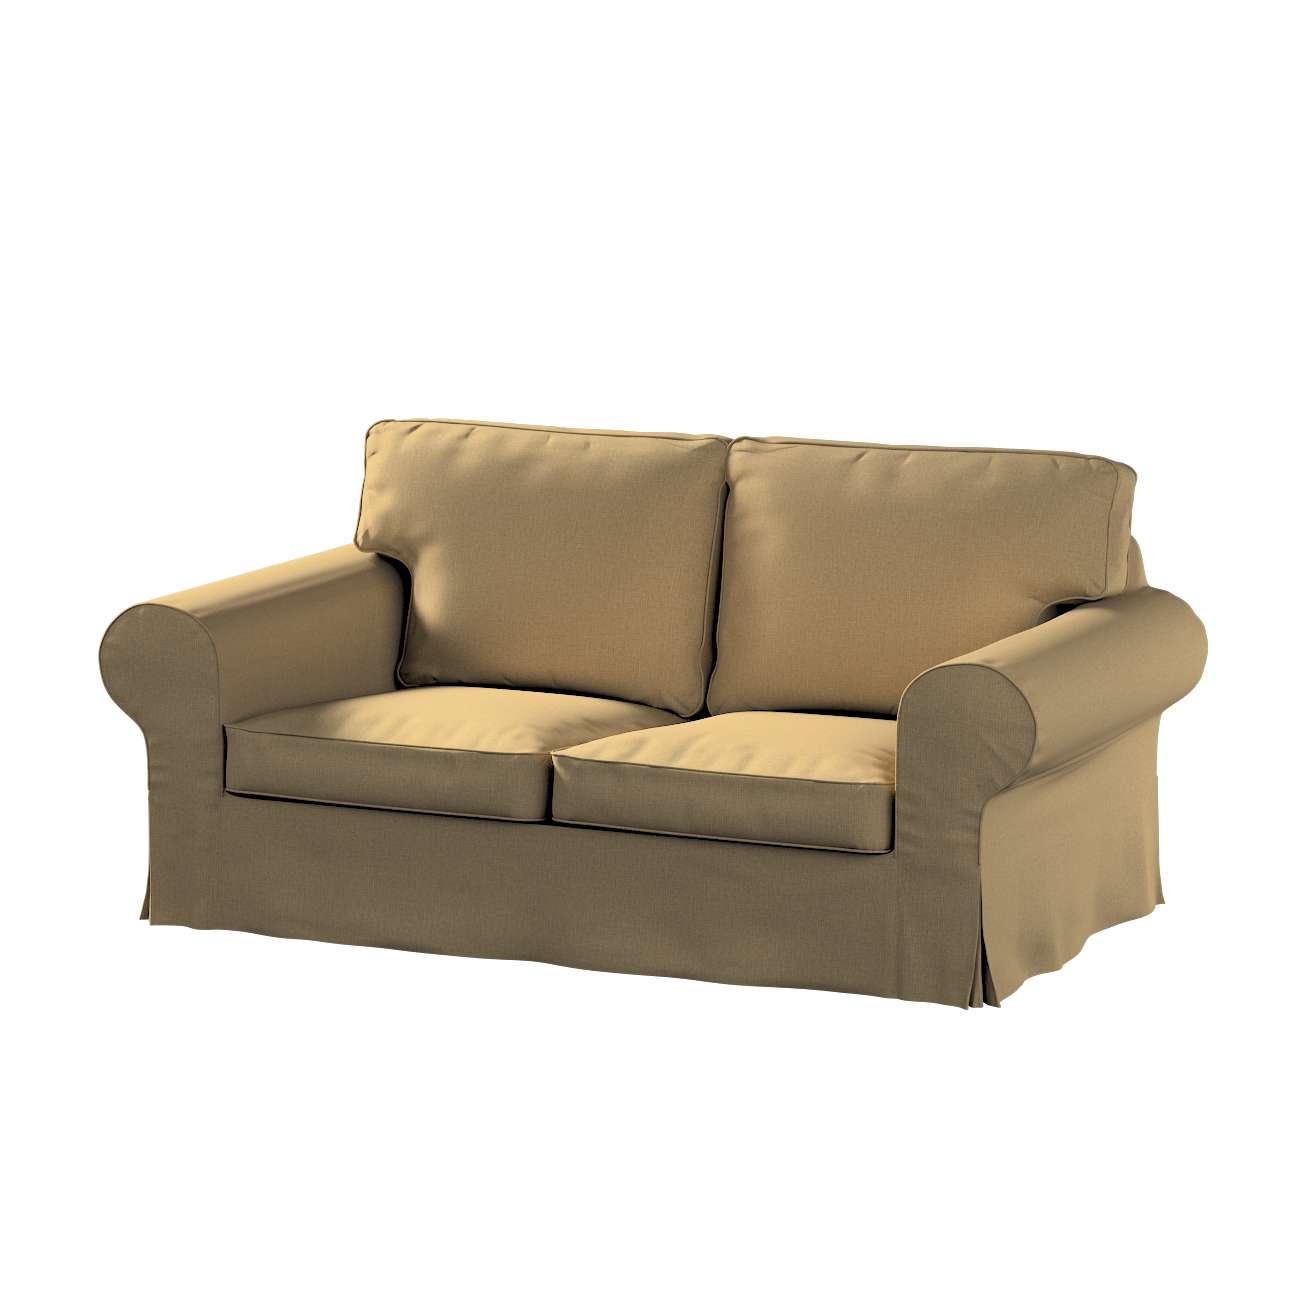 Poťah na sedačku Ektorp (rozkladacia, pre 2 osoby) NOVÝ MODEL 2012 V kolekcii Living, tkanina: 161-50